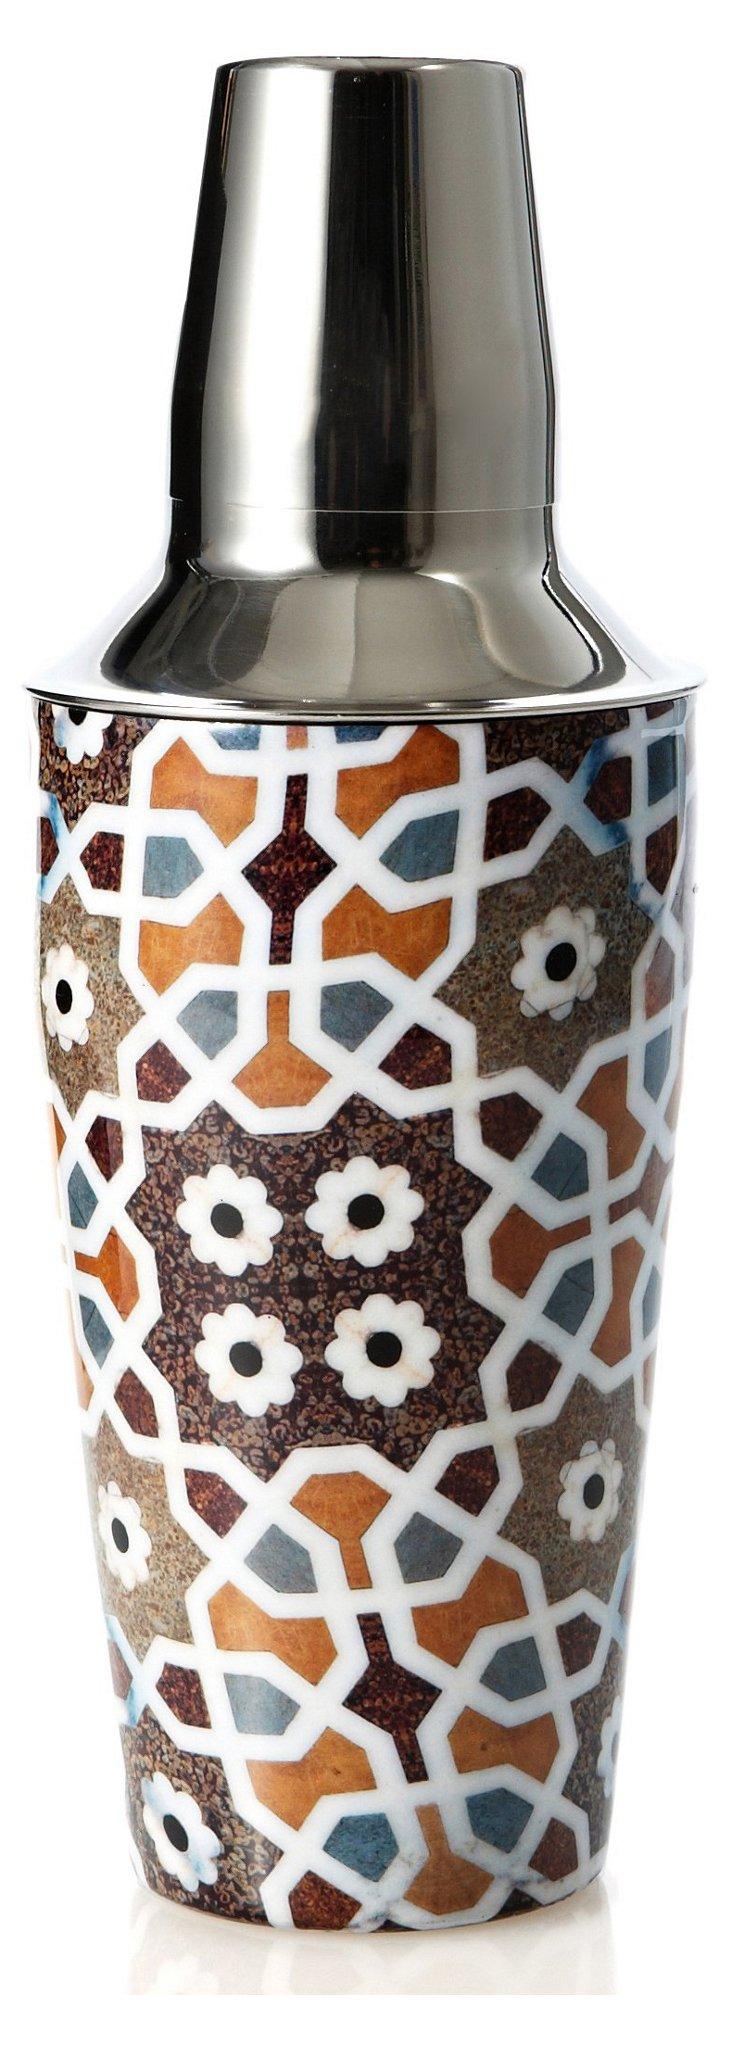 Tile-Patterned Cocktail Shaker